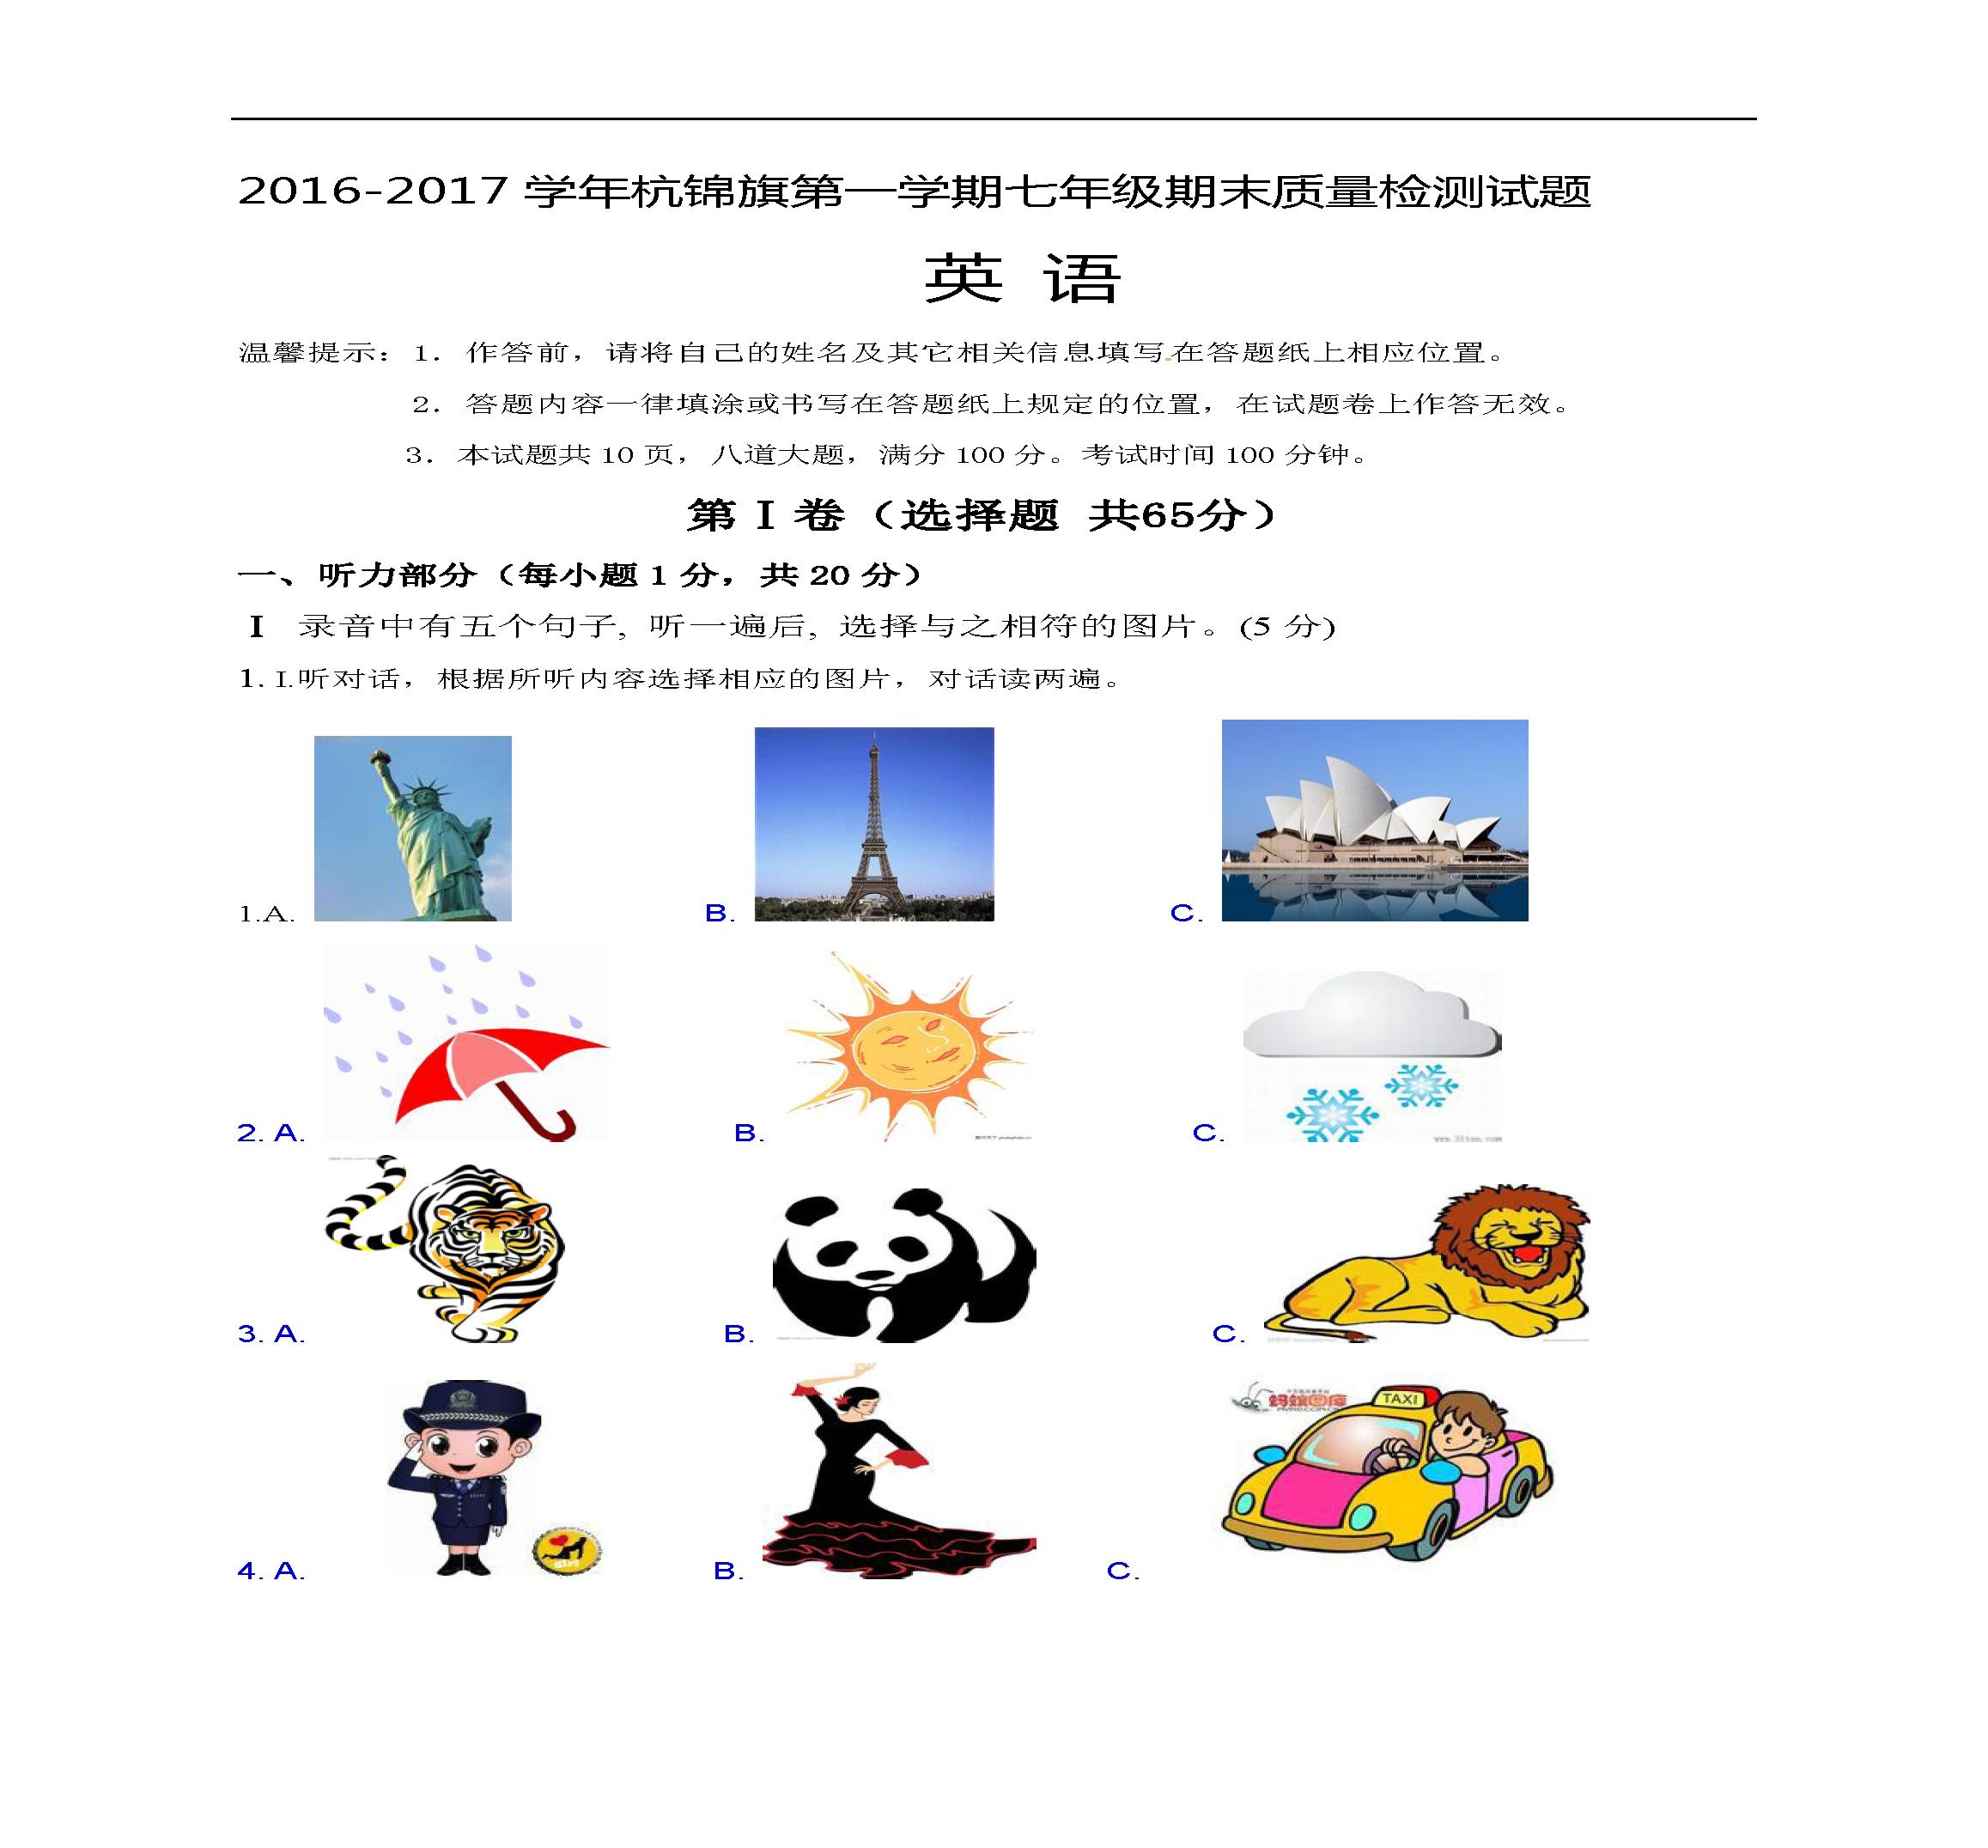 内蒙古鄂尔多斯杭锦2016-2017学年七年级上学期期末英语试题(图片版)